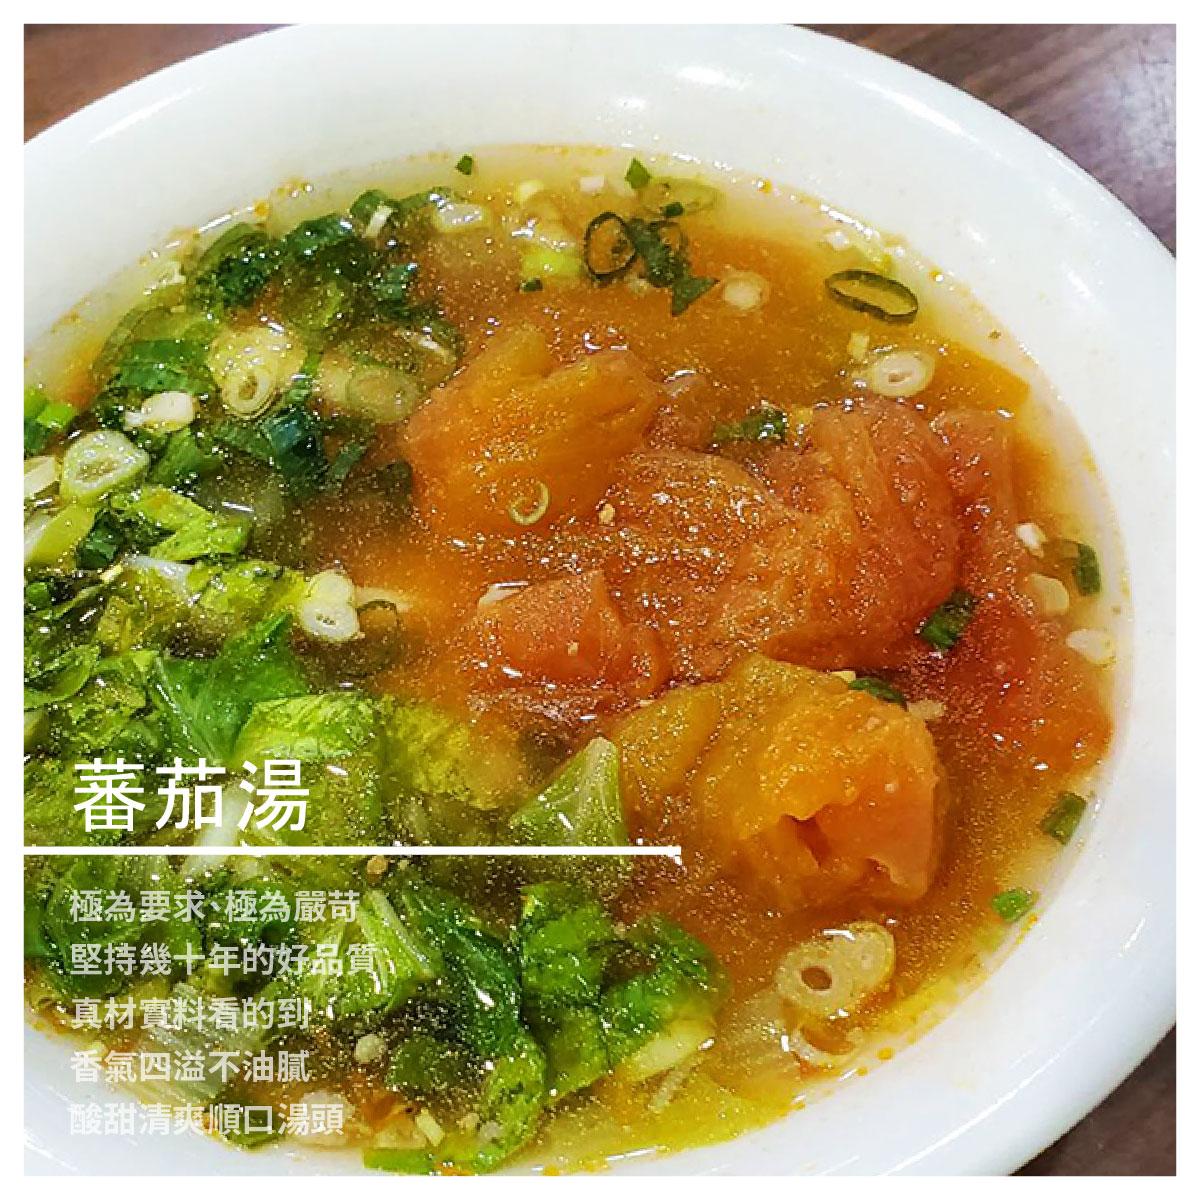 【一品山西刀削麵之家】蕃茄湯/包